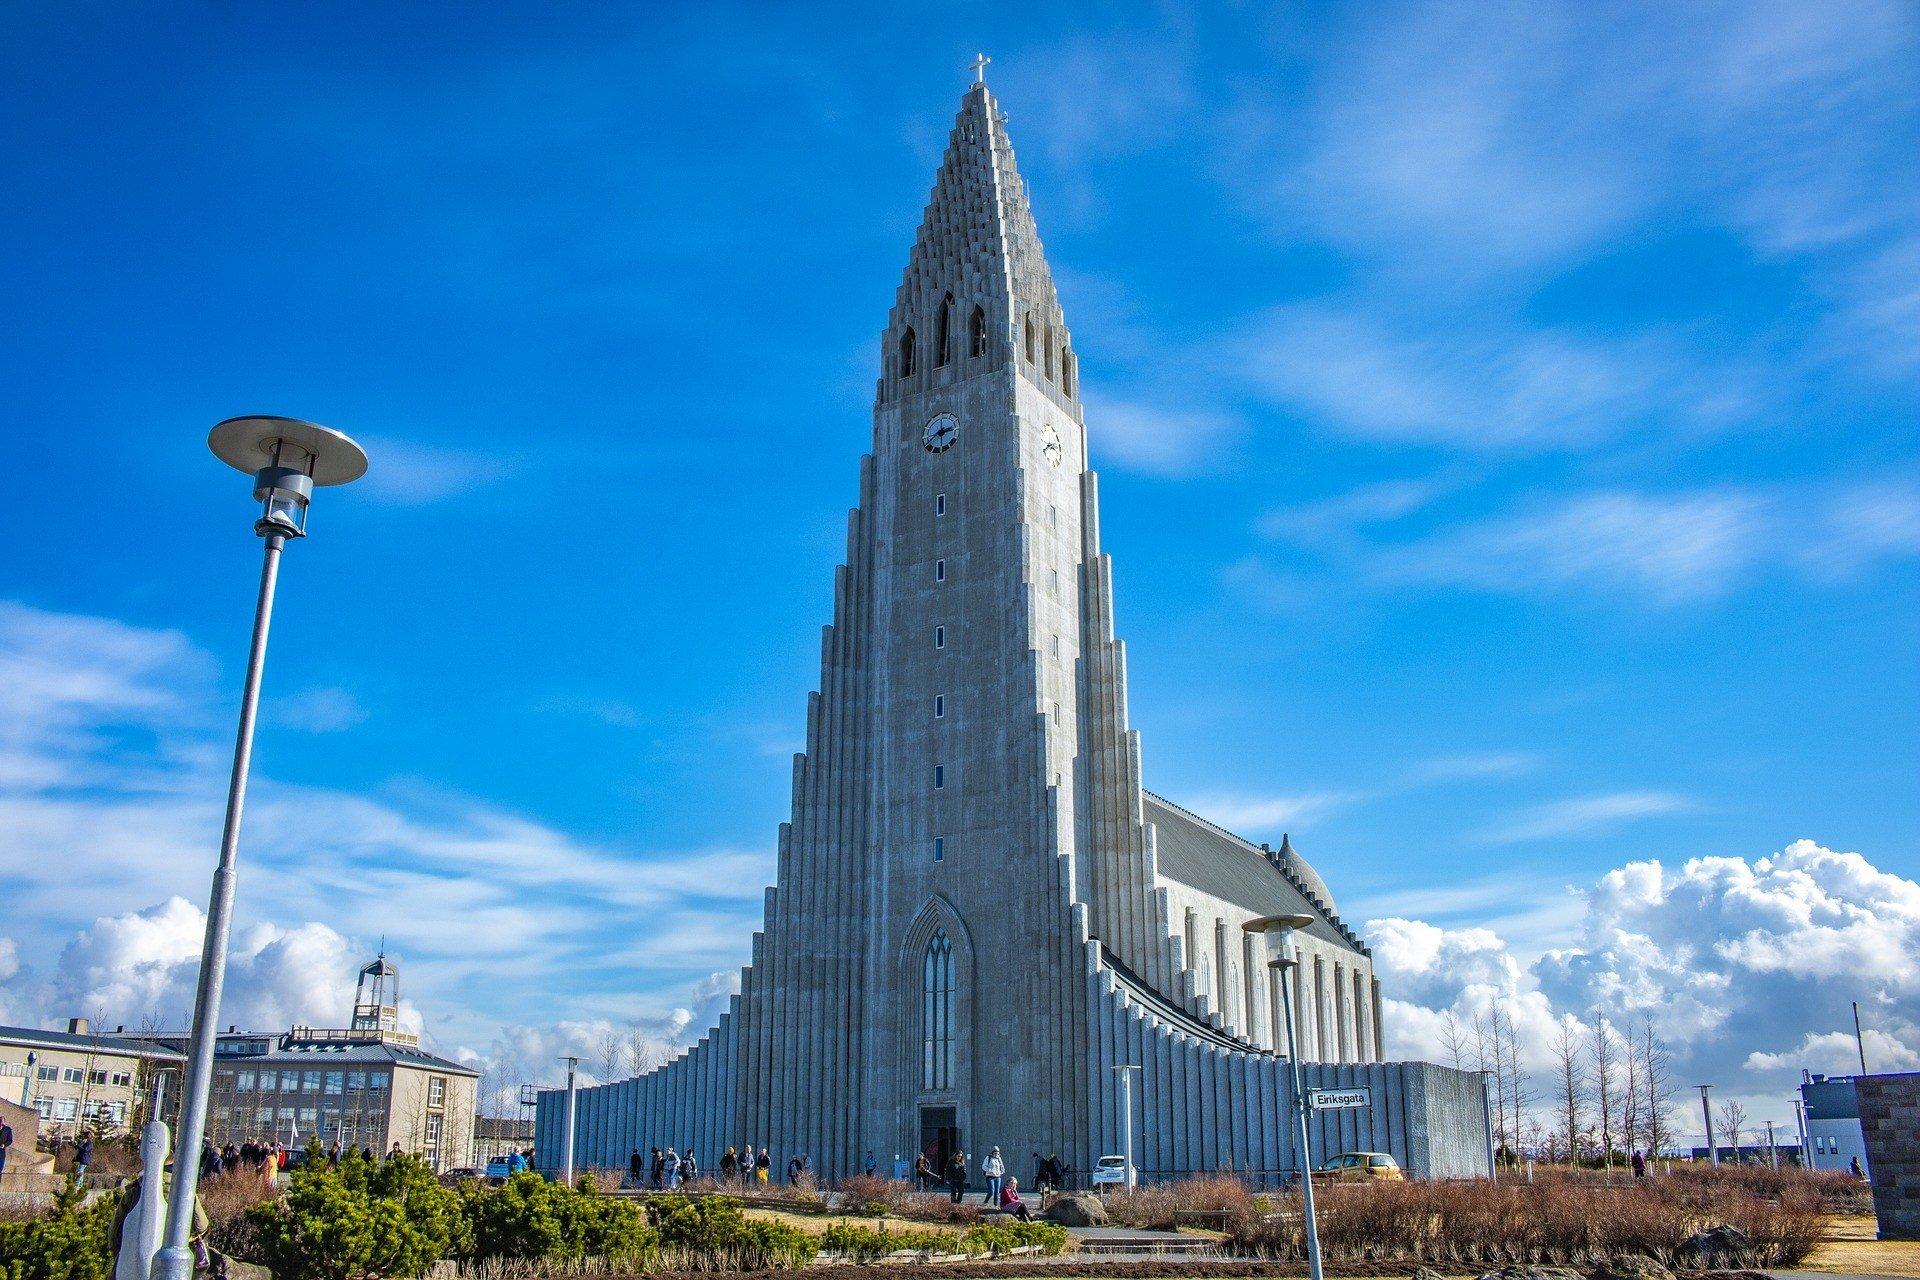 Midborg, Reykjavik